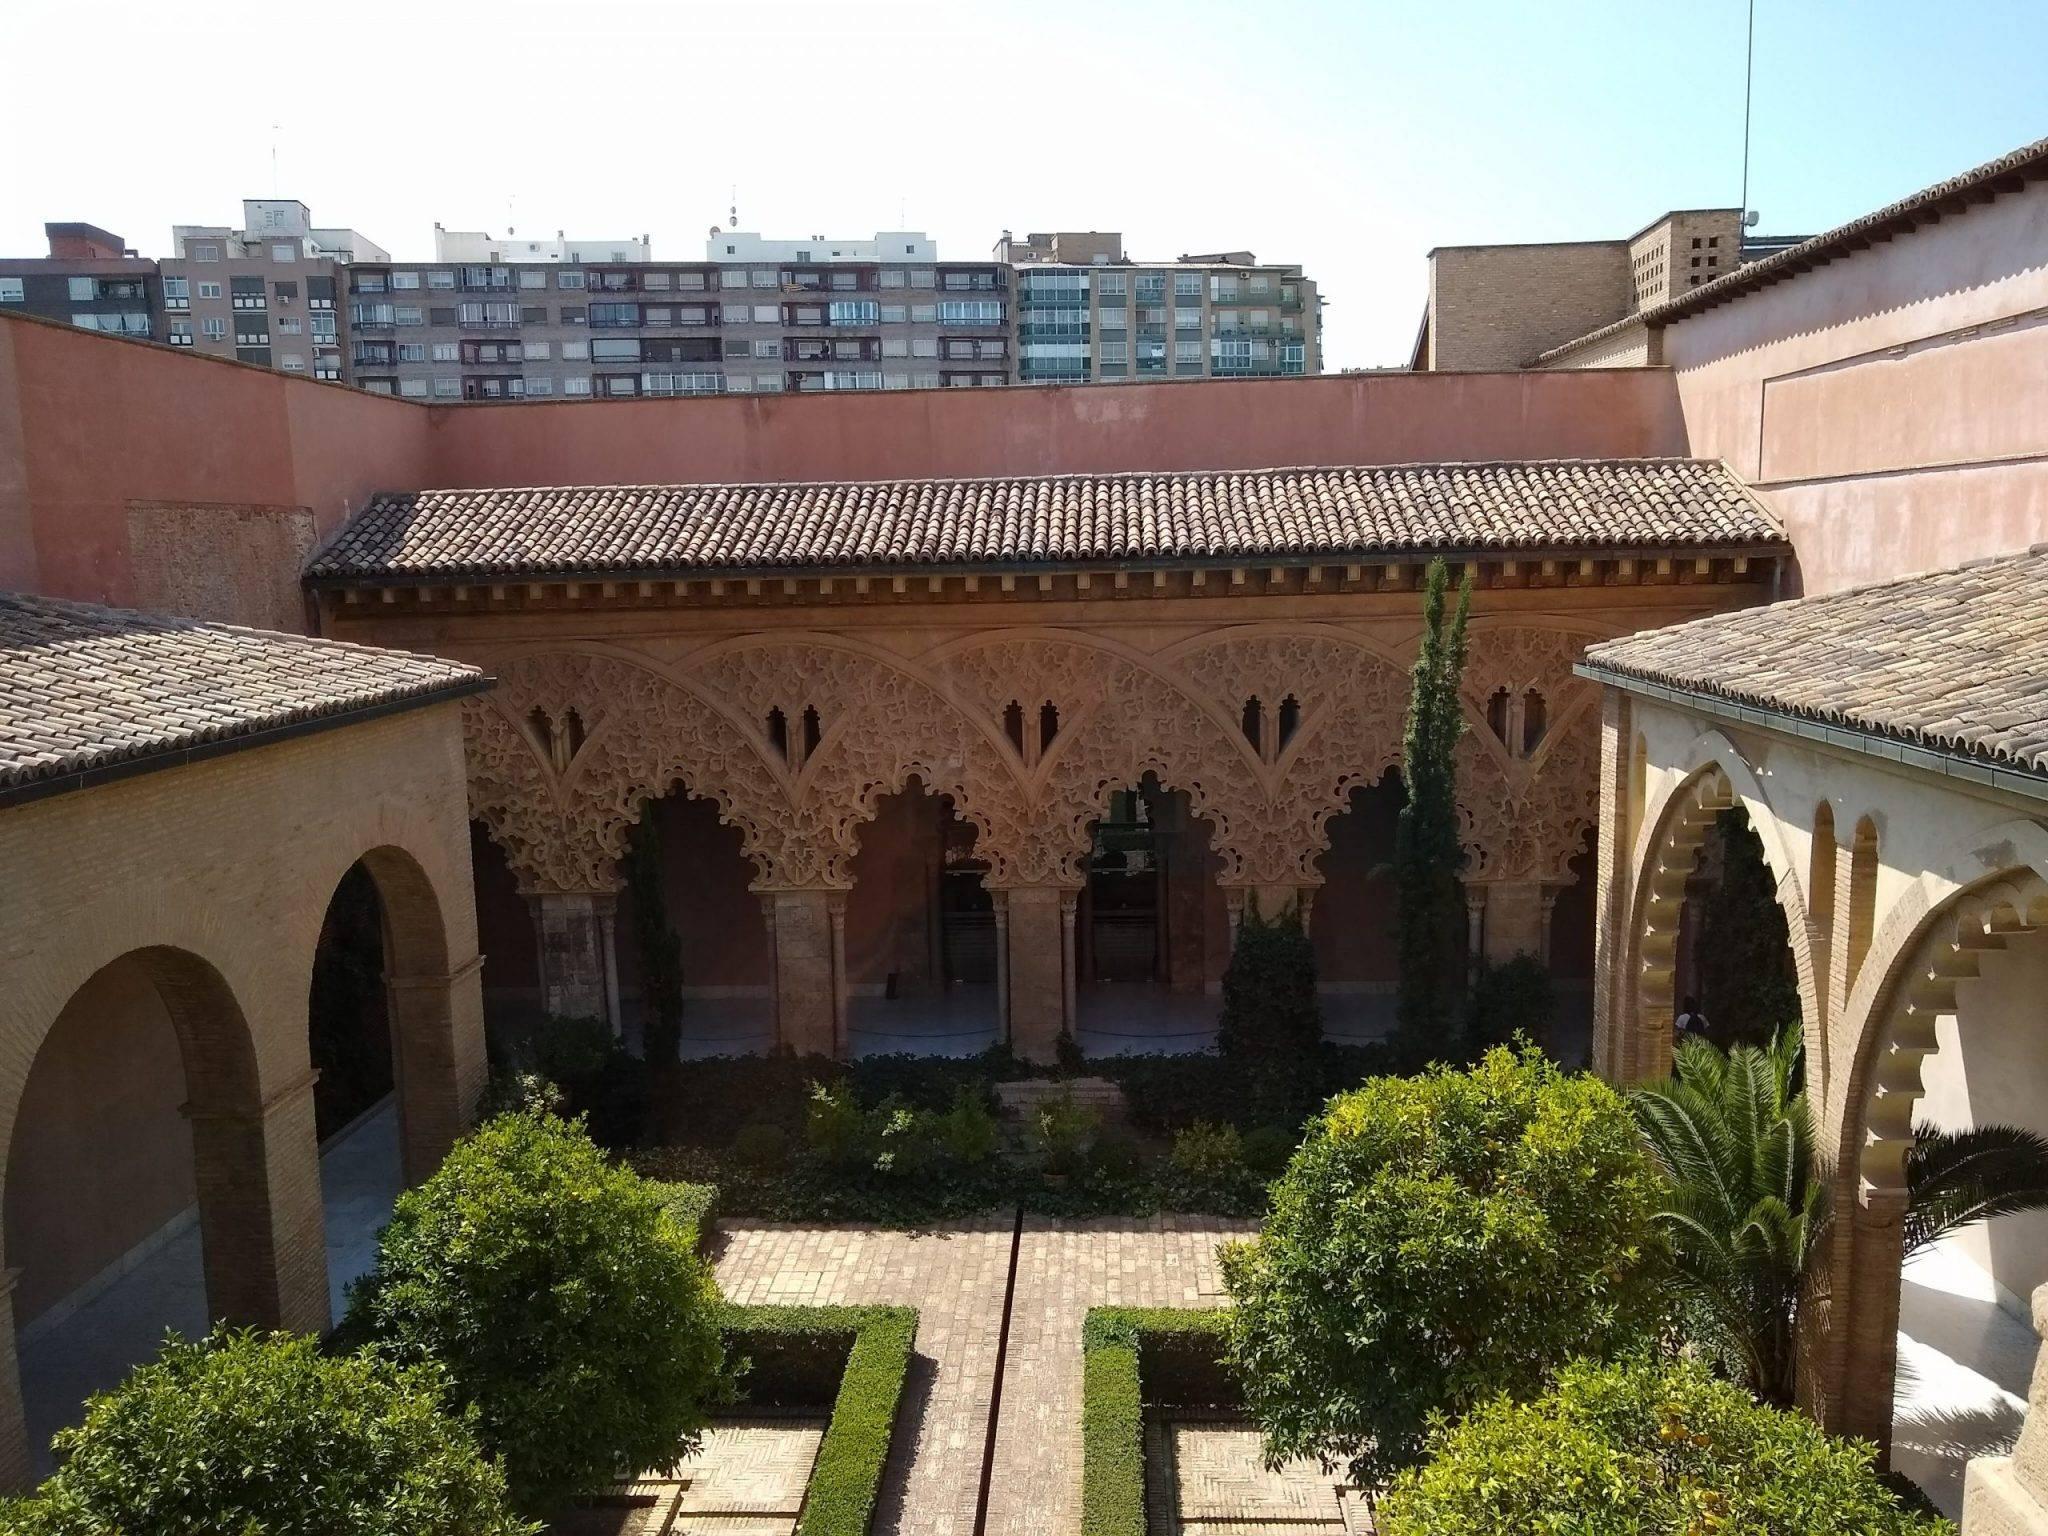 Travel through time at Aljafería Palace (Palacio de la Aljafería) in Zaragoza, Spain